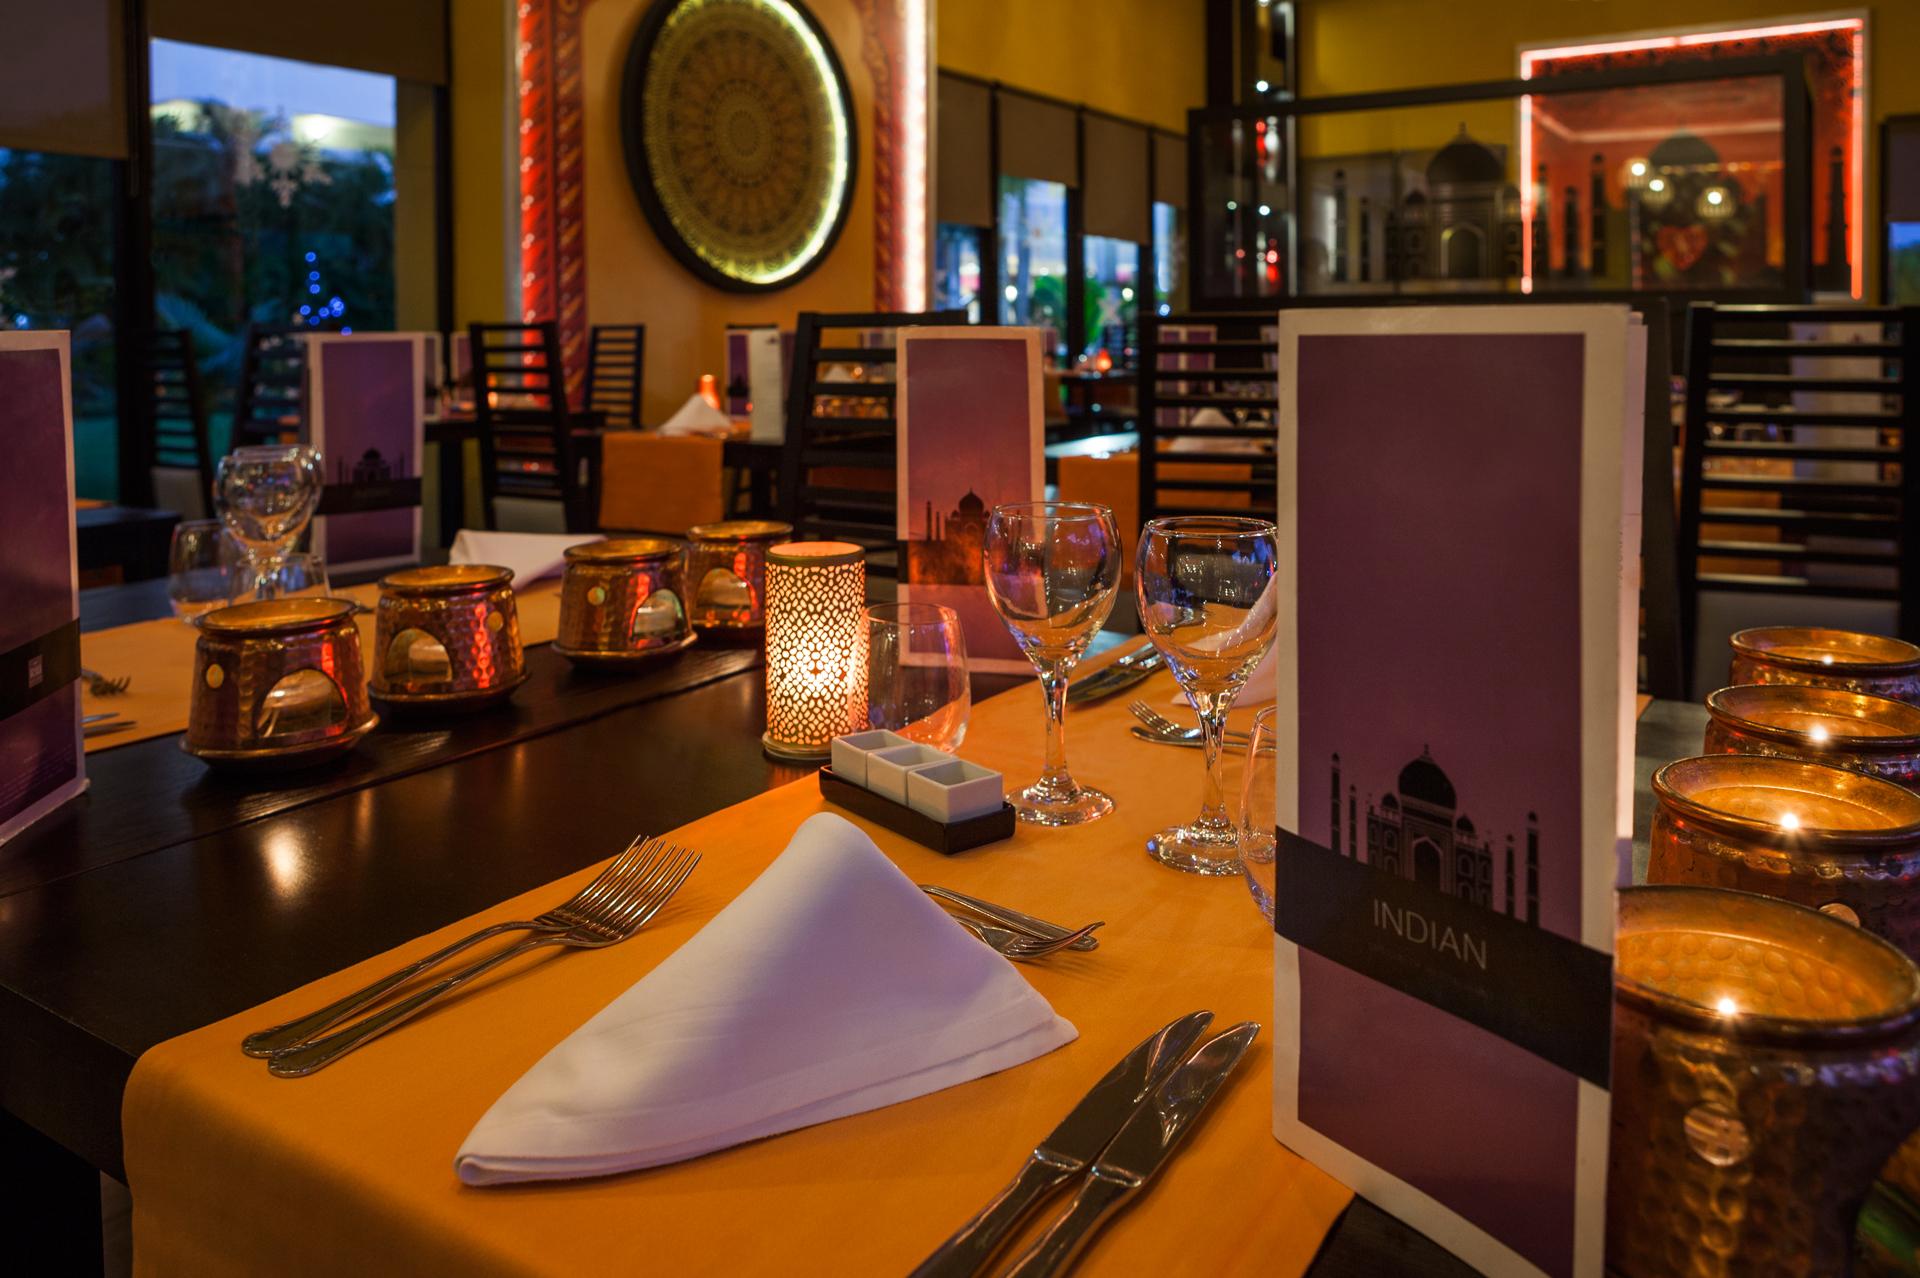 Taj-Mahal restaurant